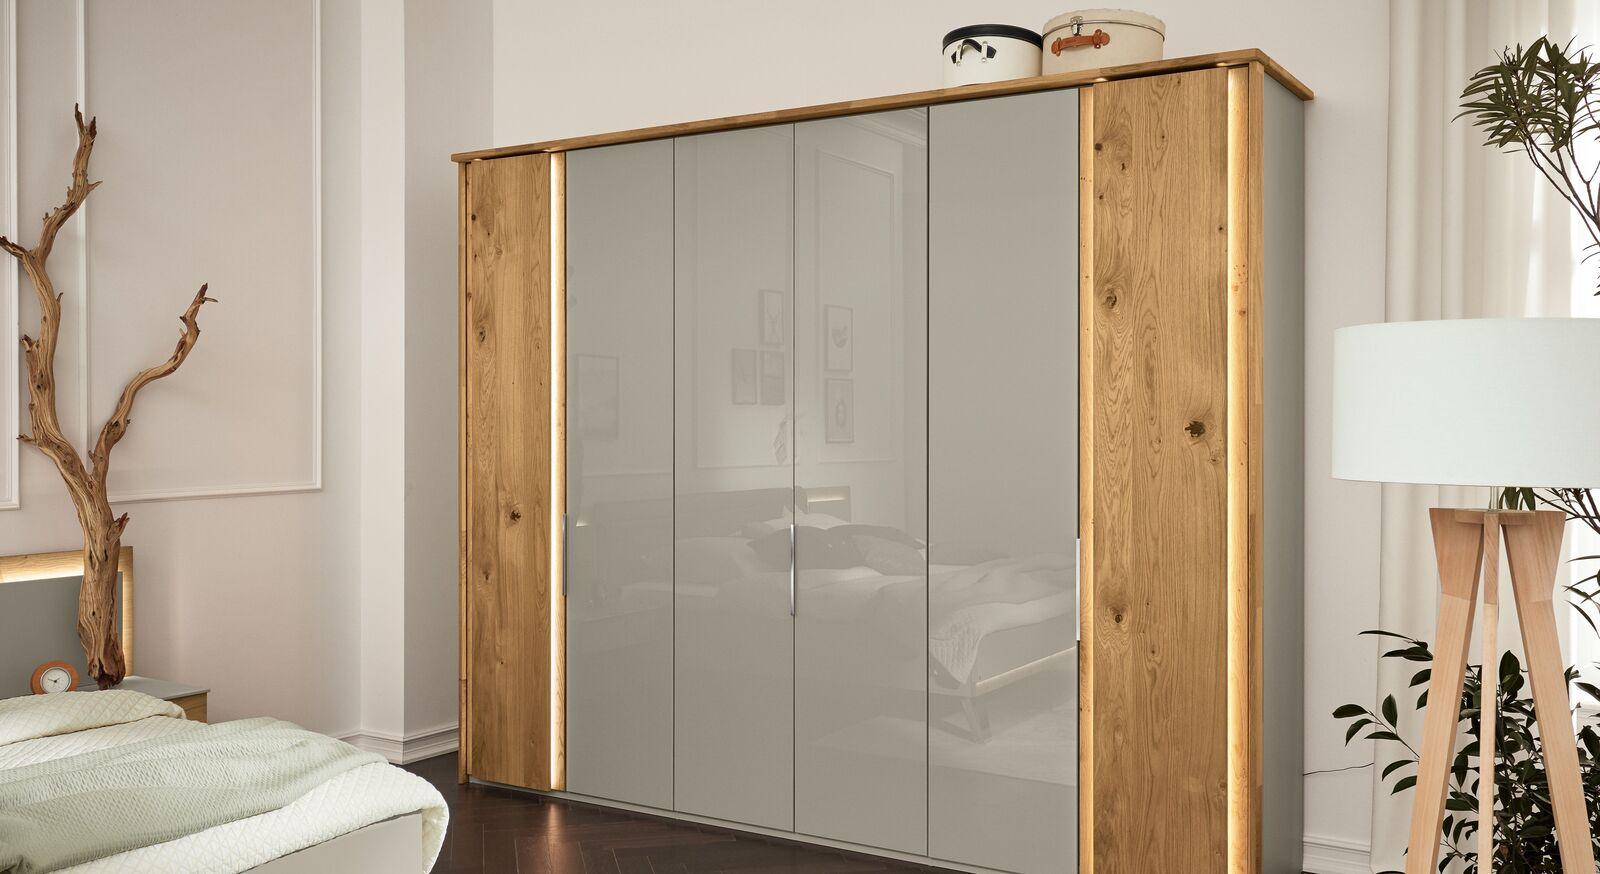 MUSTERRING Drehtüren-Kleiderschrank Saphira kieselgrau mit massiven Holztüren